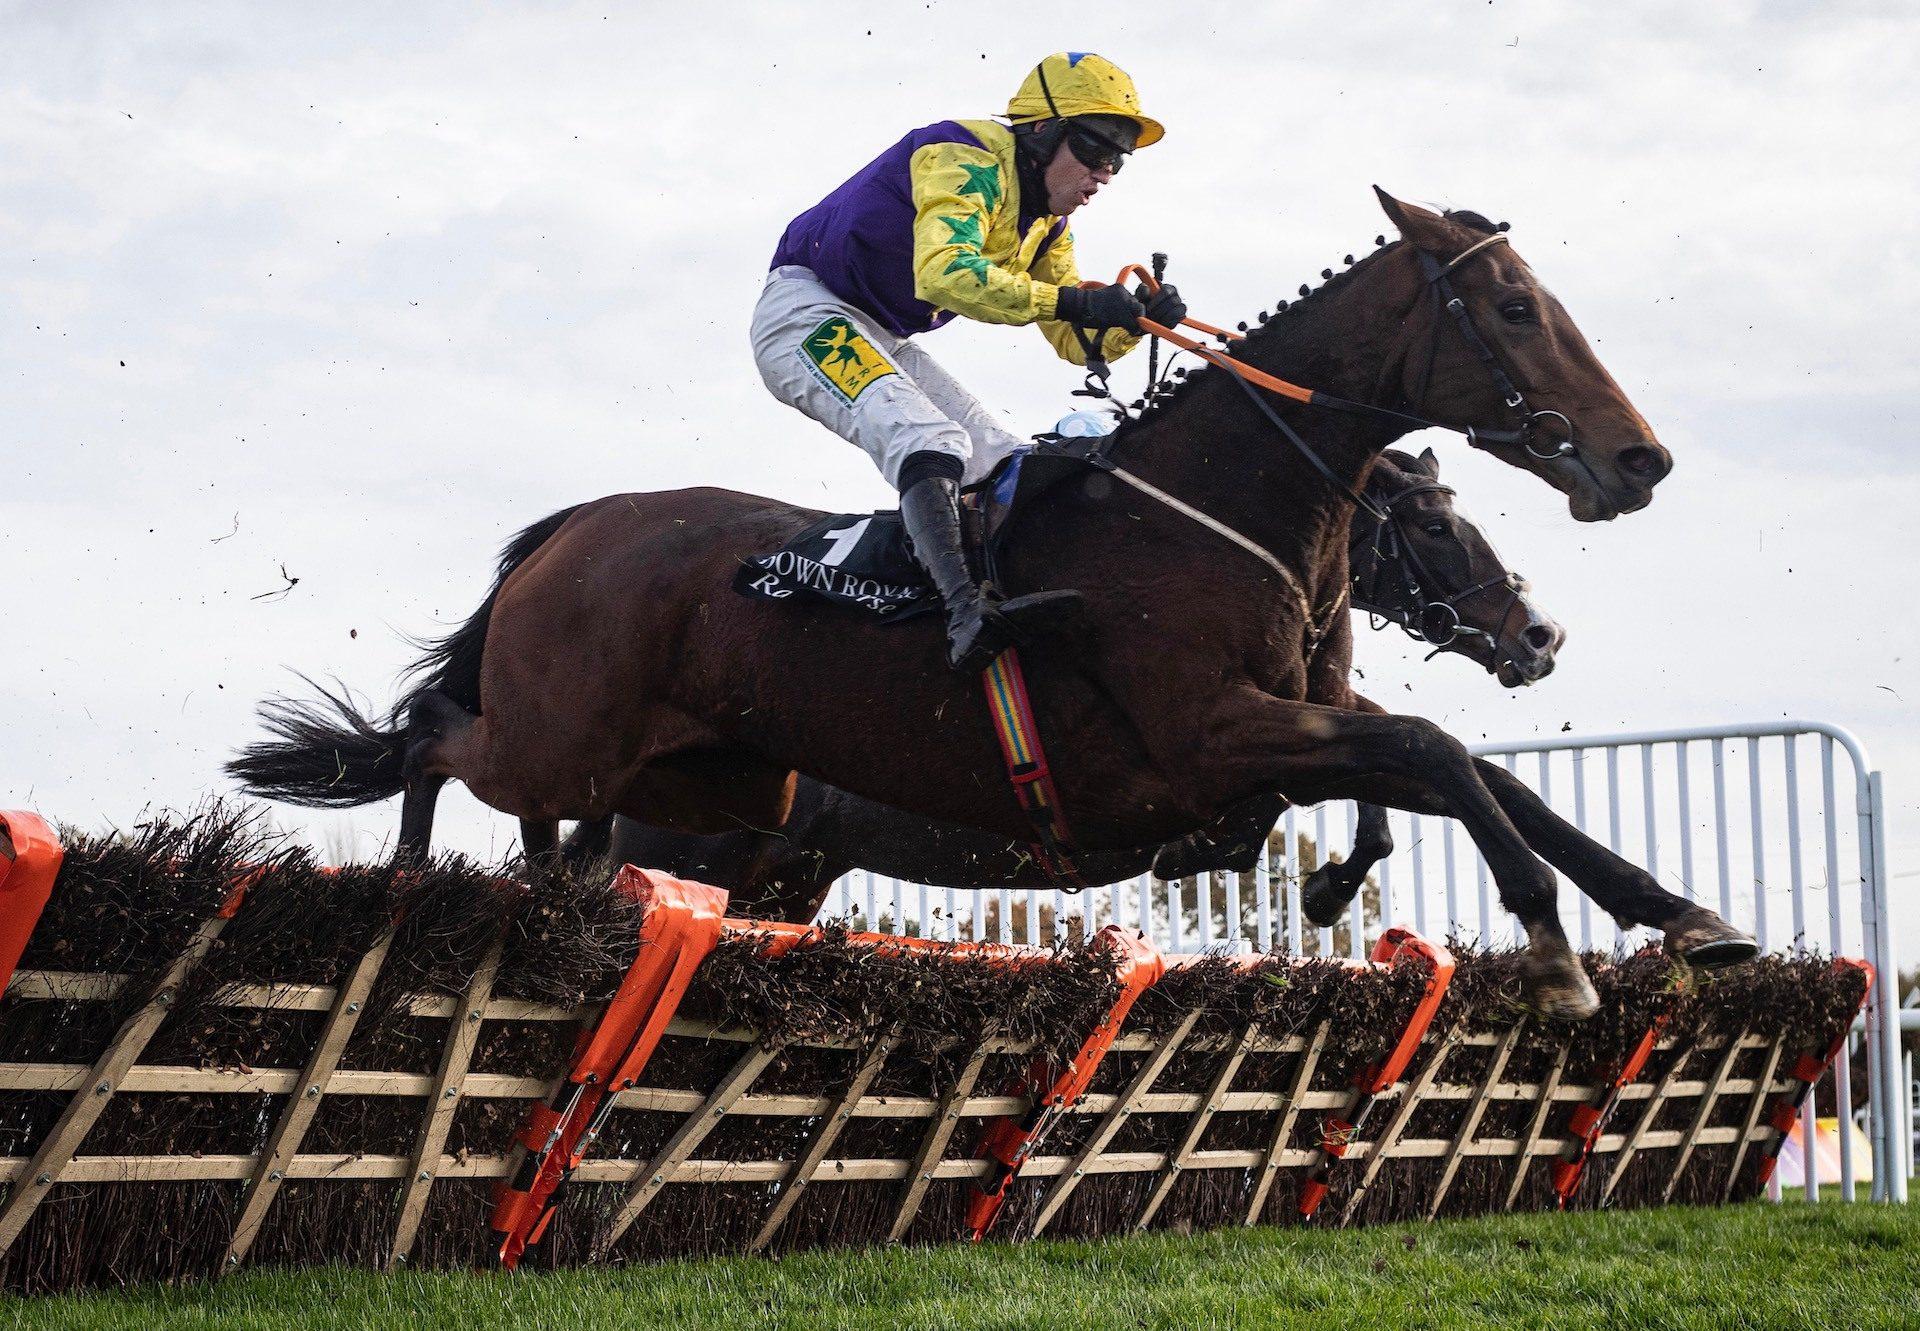 Skyace (Westerner) Wins The Grade 3 Mares Novice Hurdle at Down Royal